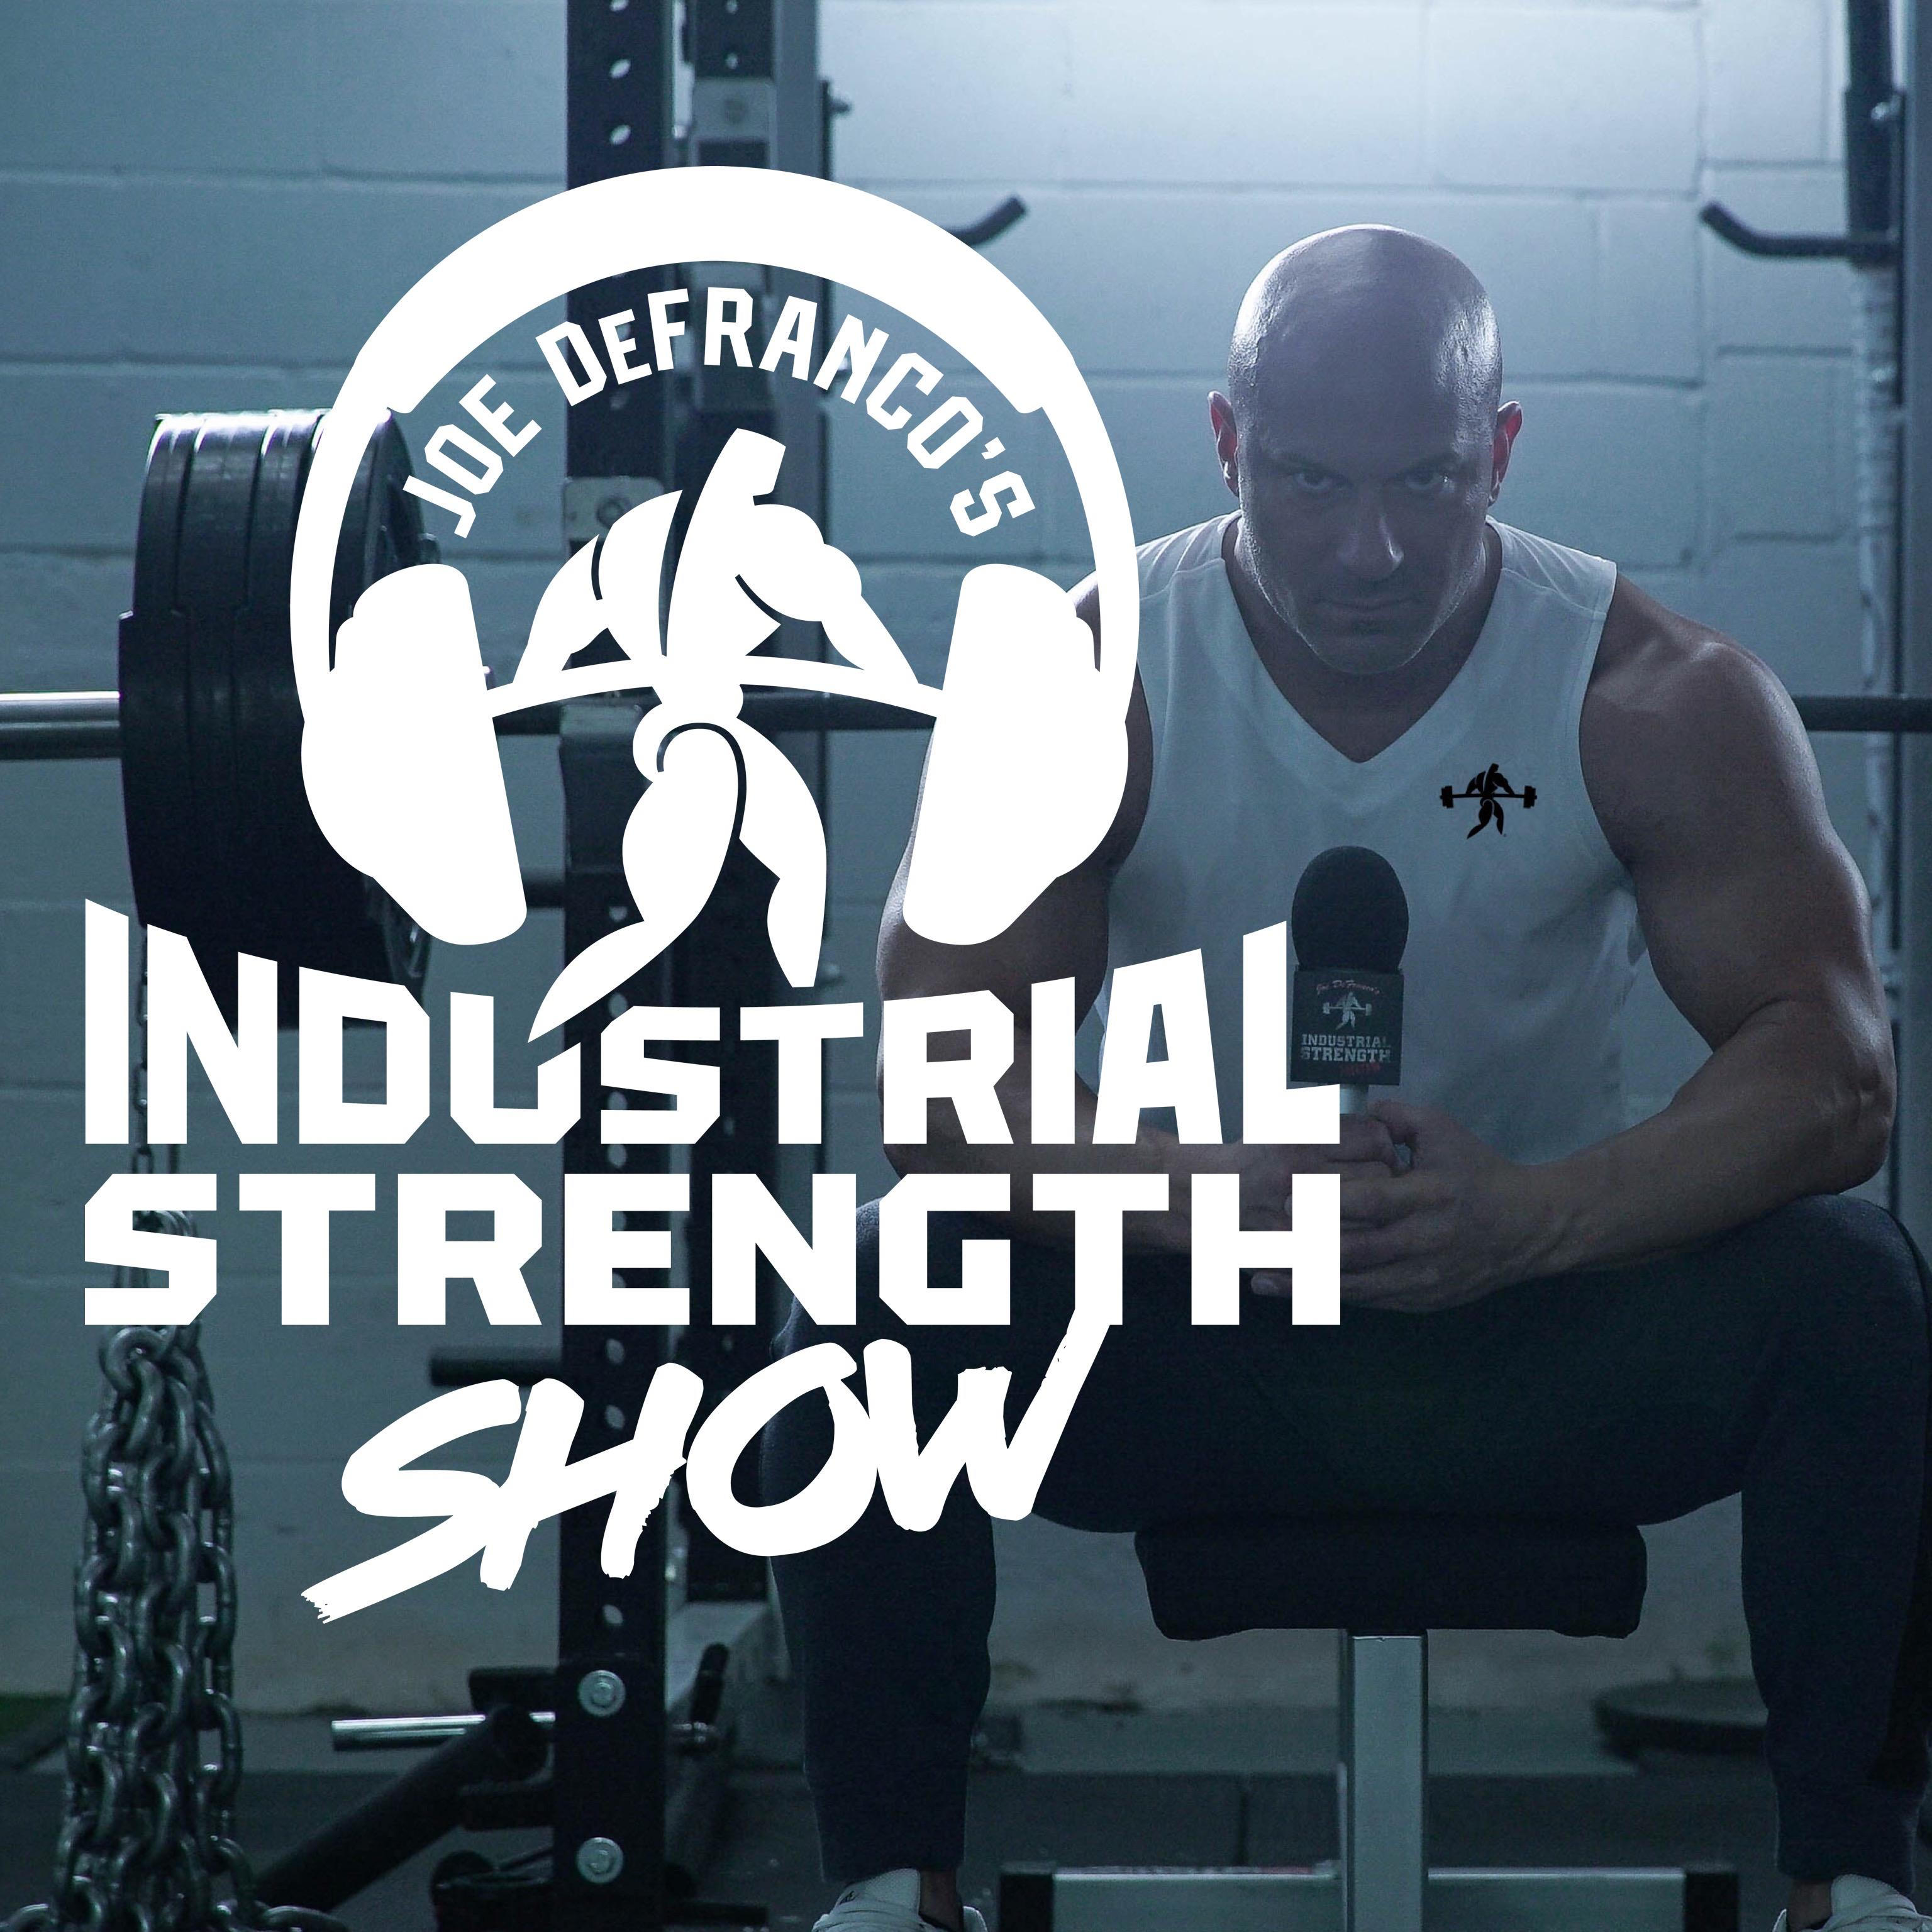 Joe DeFranco's Industrial Strength Show show art